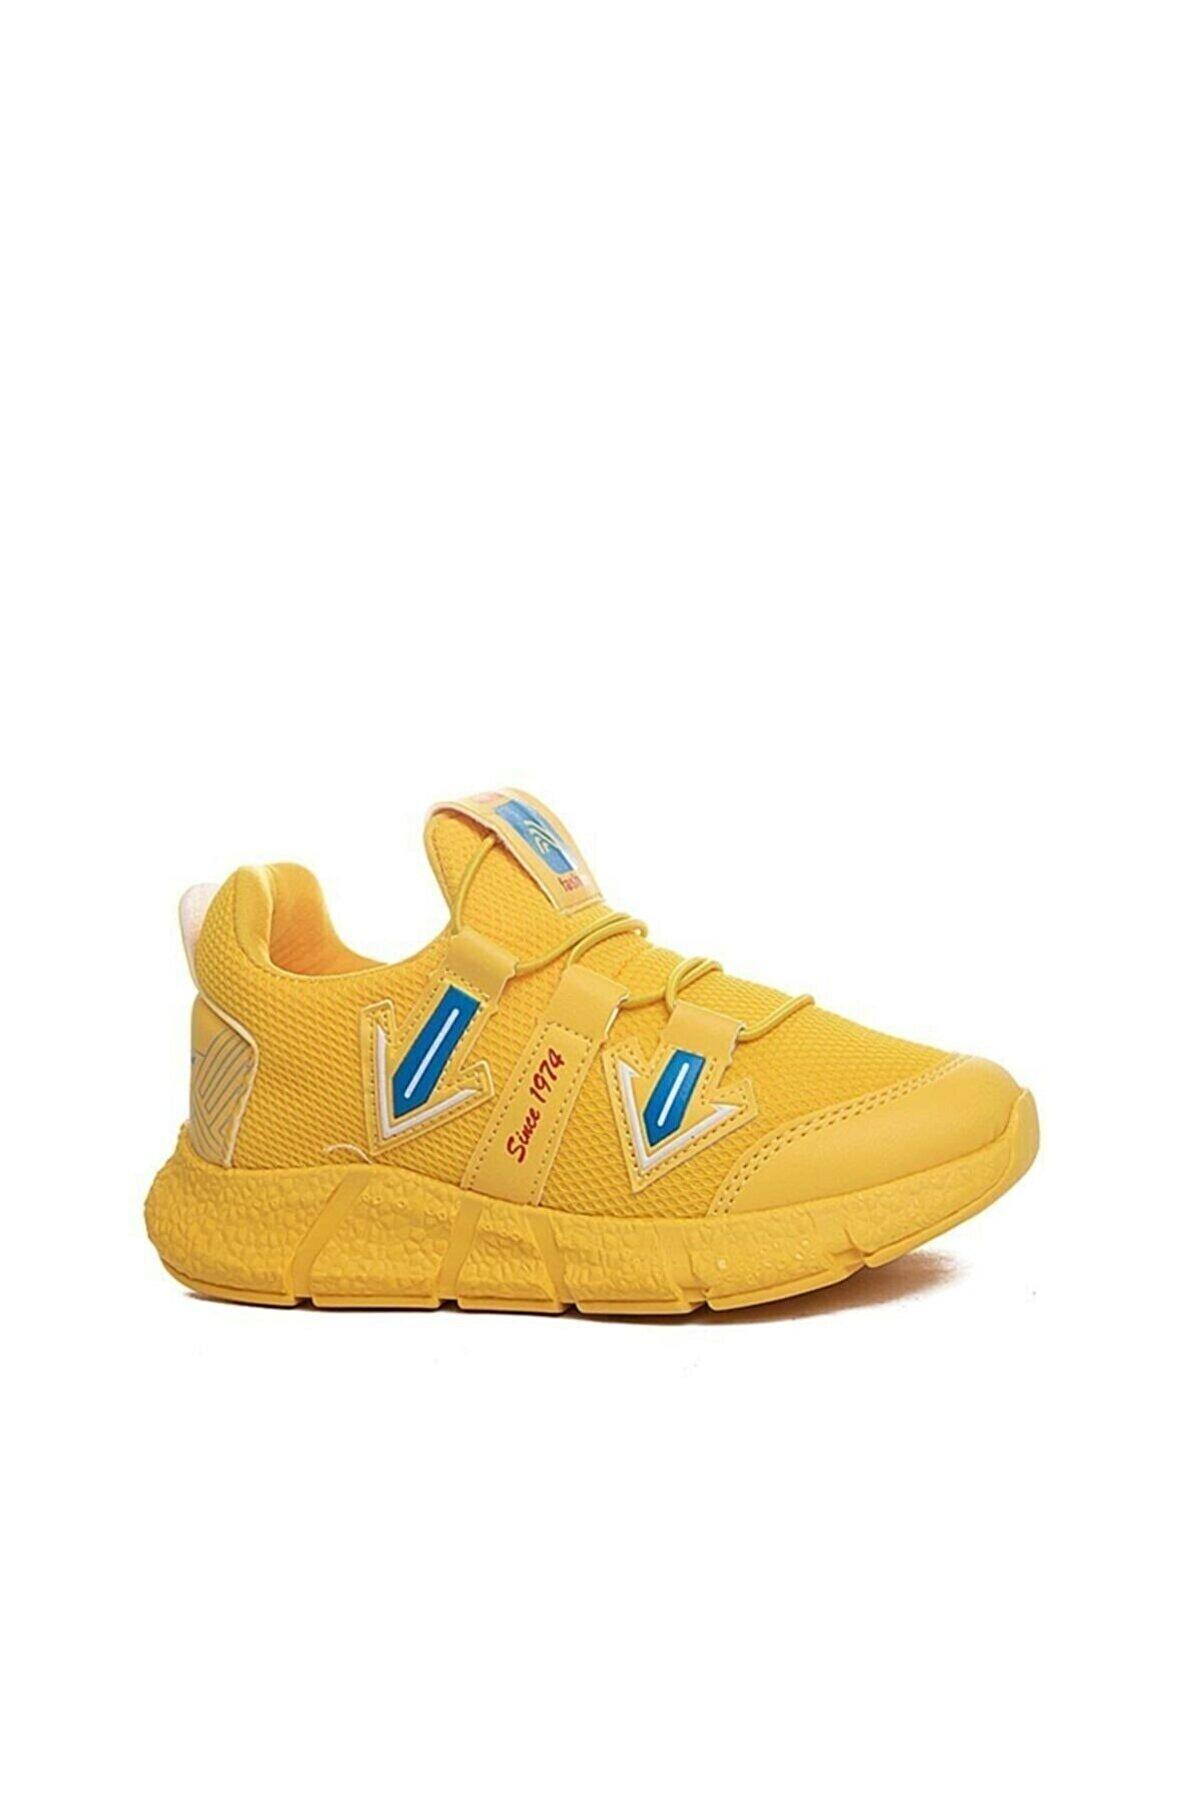 MAGIC SHOES Unisex Çocuk Sarı Spor Ayakkabı